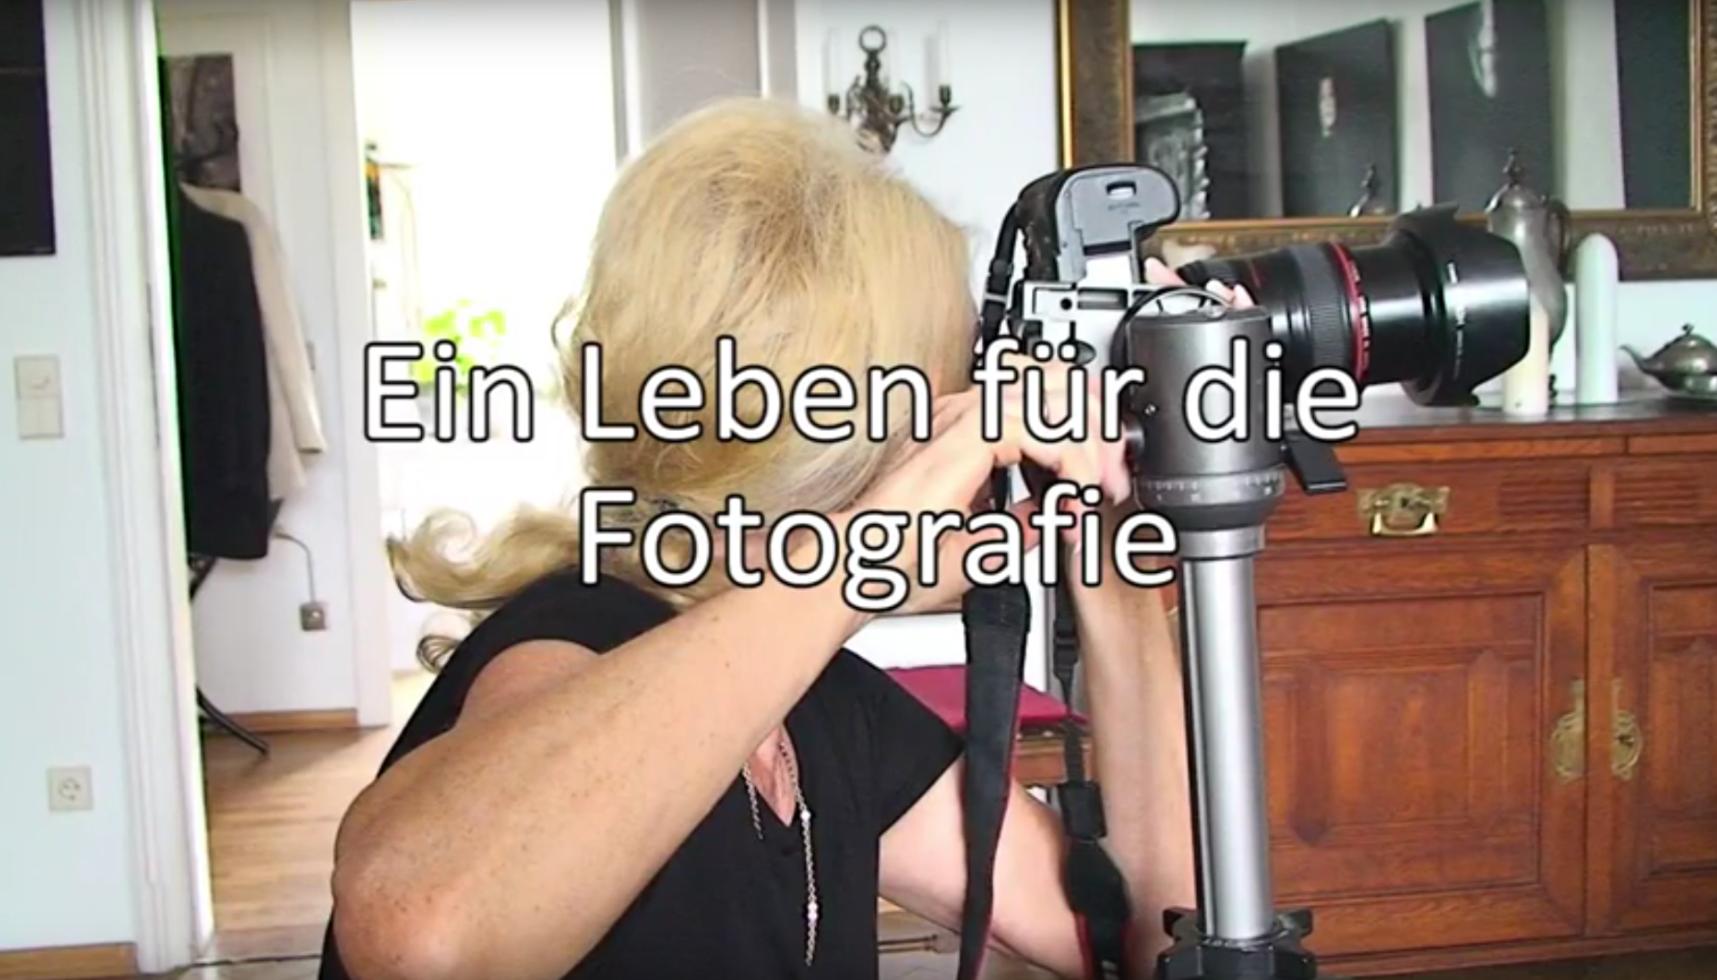 Ein Leben für die Fotografie